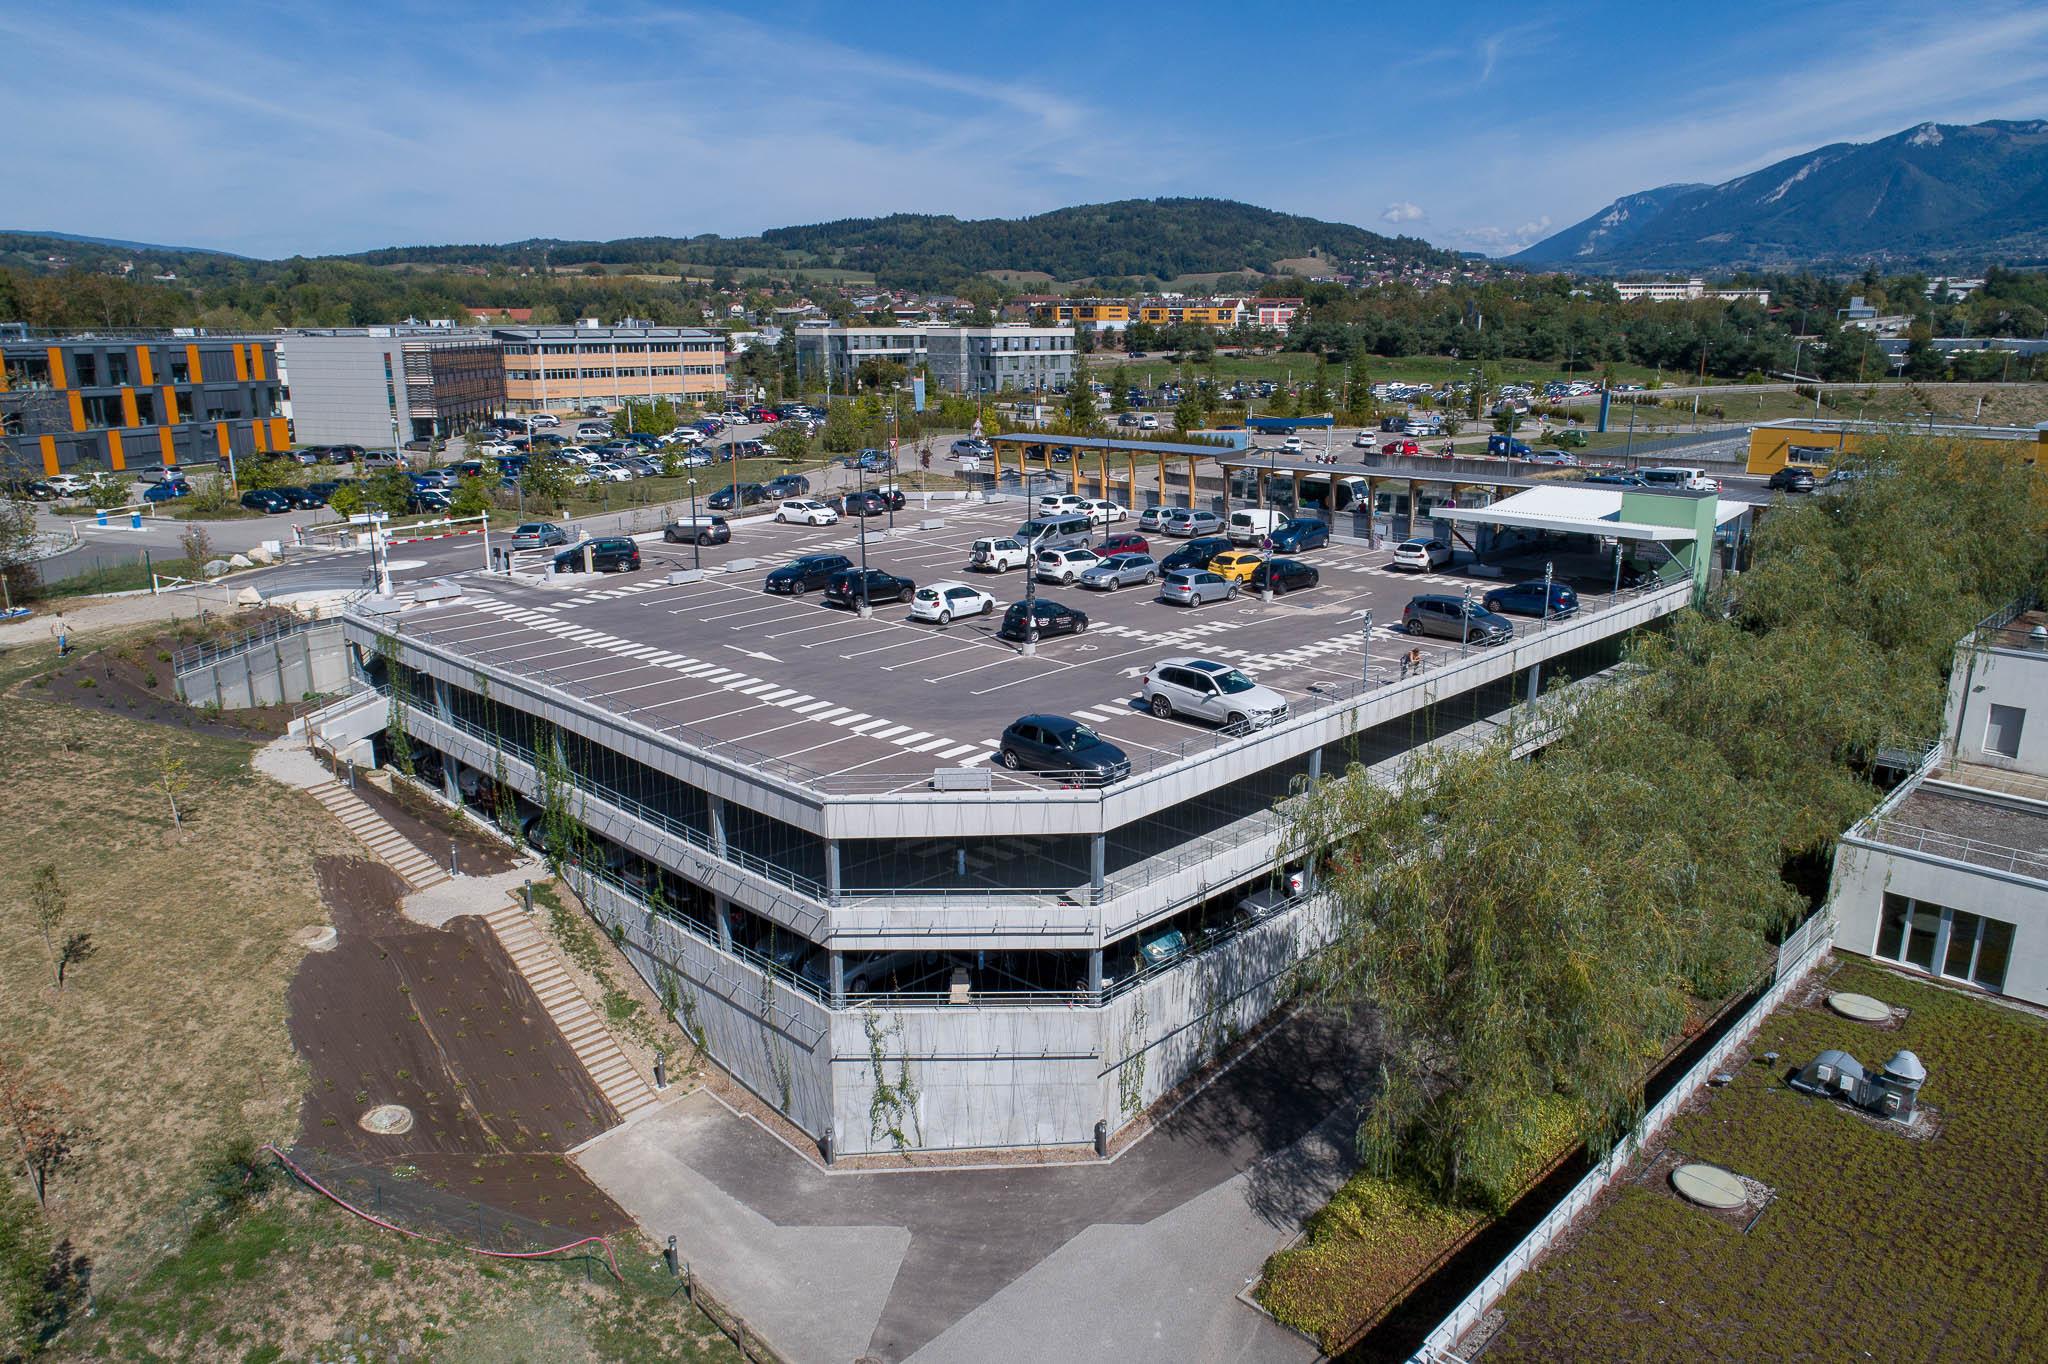 CHANGE hopital chu annecy parking silo aérien centre hospitalier clinique